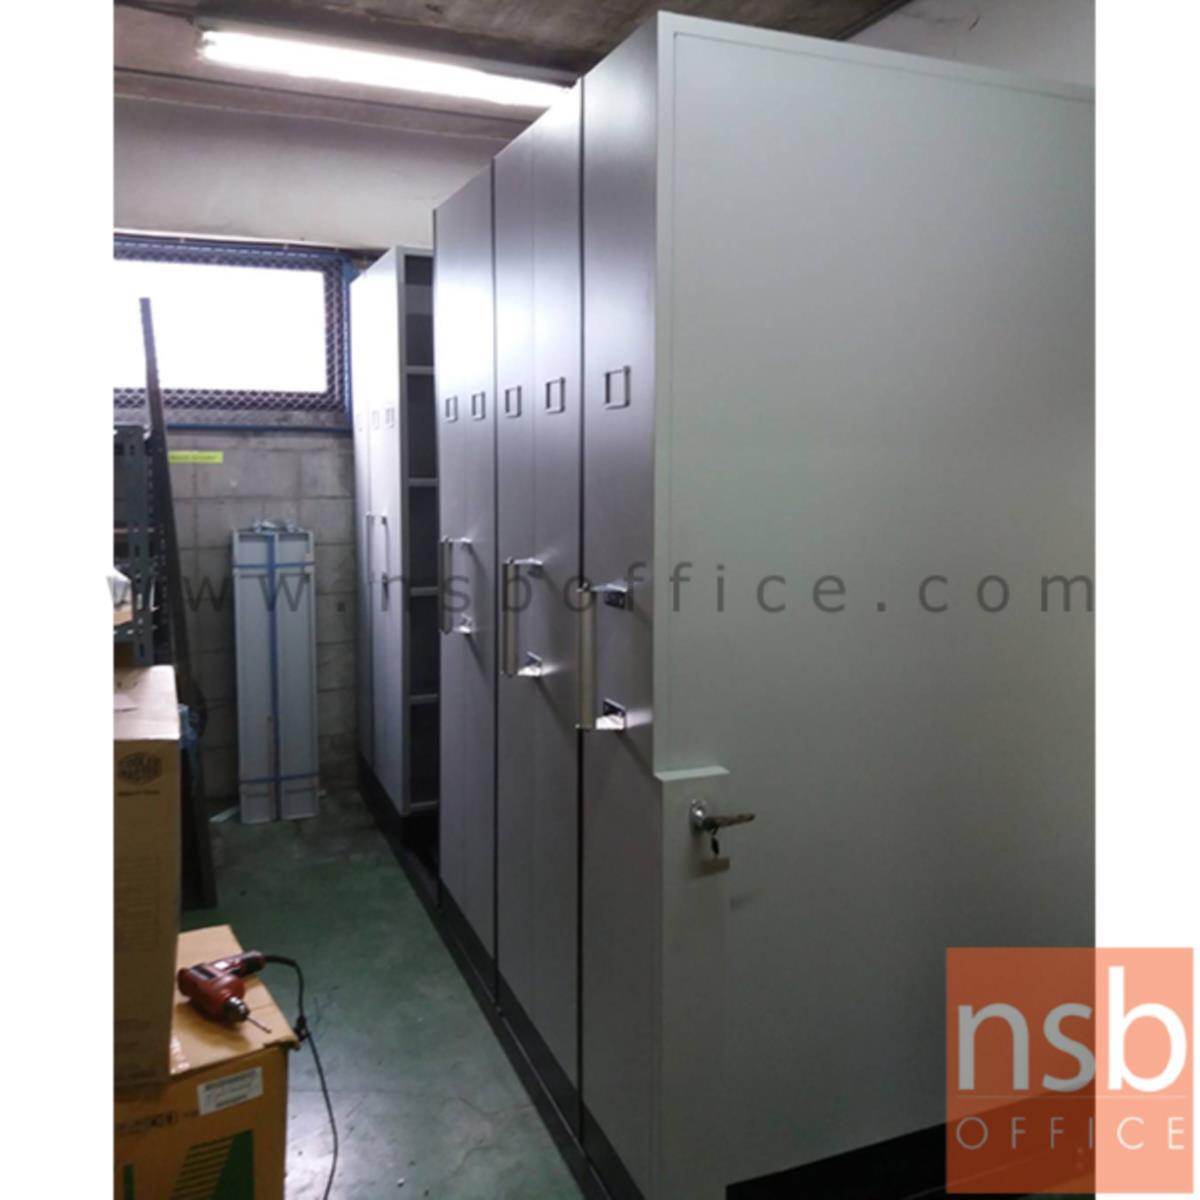 ตู้รางเลื่อนมือผลัก 91.4D cm  ขนาด 4, 6, 8, 10,12,14,16 ตู้ (มอก.1496-2541)